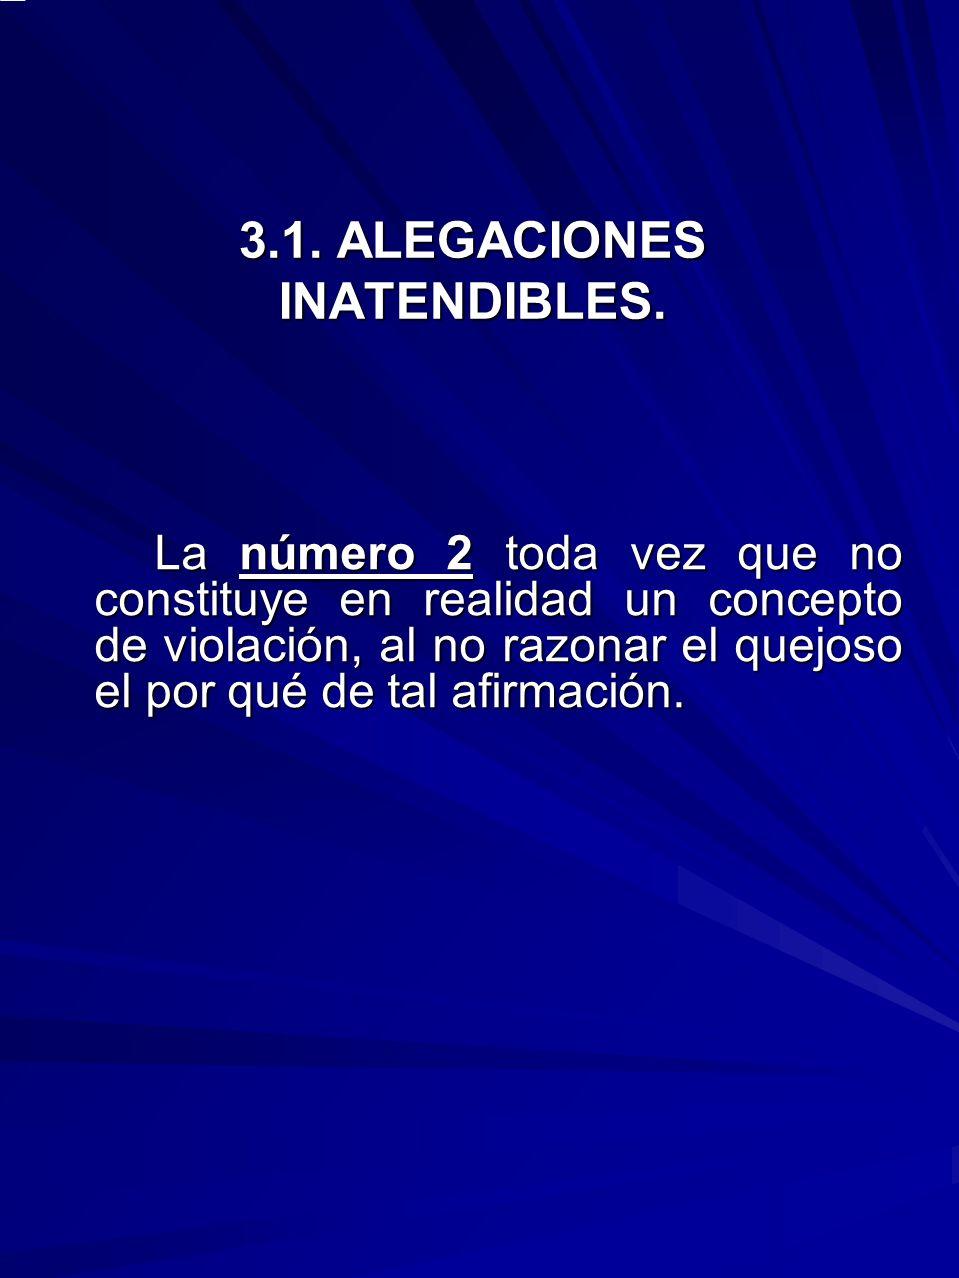 3.1. ALEGACIONES INATENDIBLES. La número 2 toda vez que no constituye en realidad un concepto de violación, al no razonar el quejoso el por qué de tal